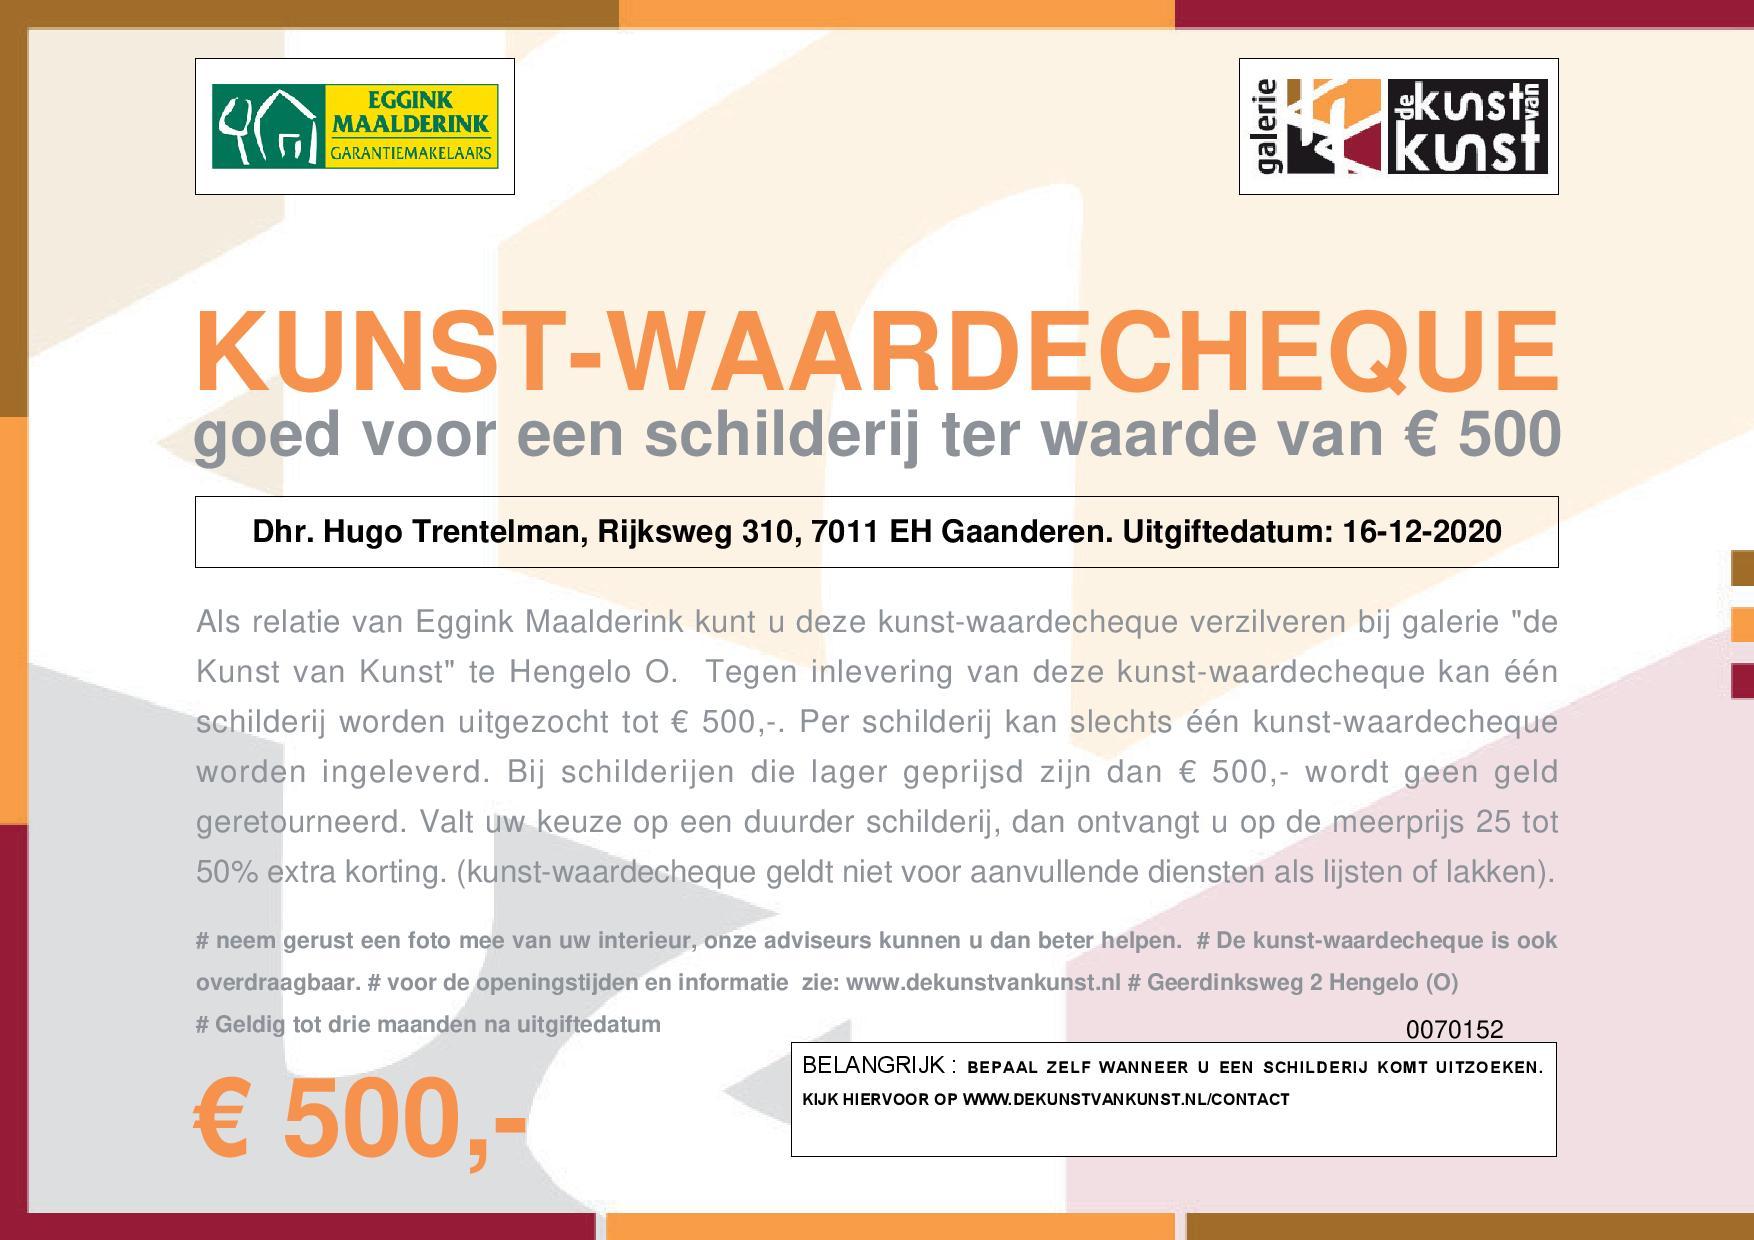 Bon voor kunst ter waarde van 500 euro - Aangeboden door Hugo Trentelman